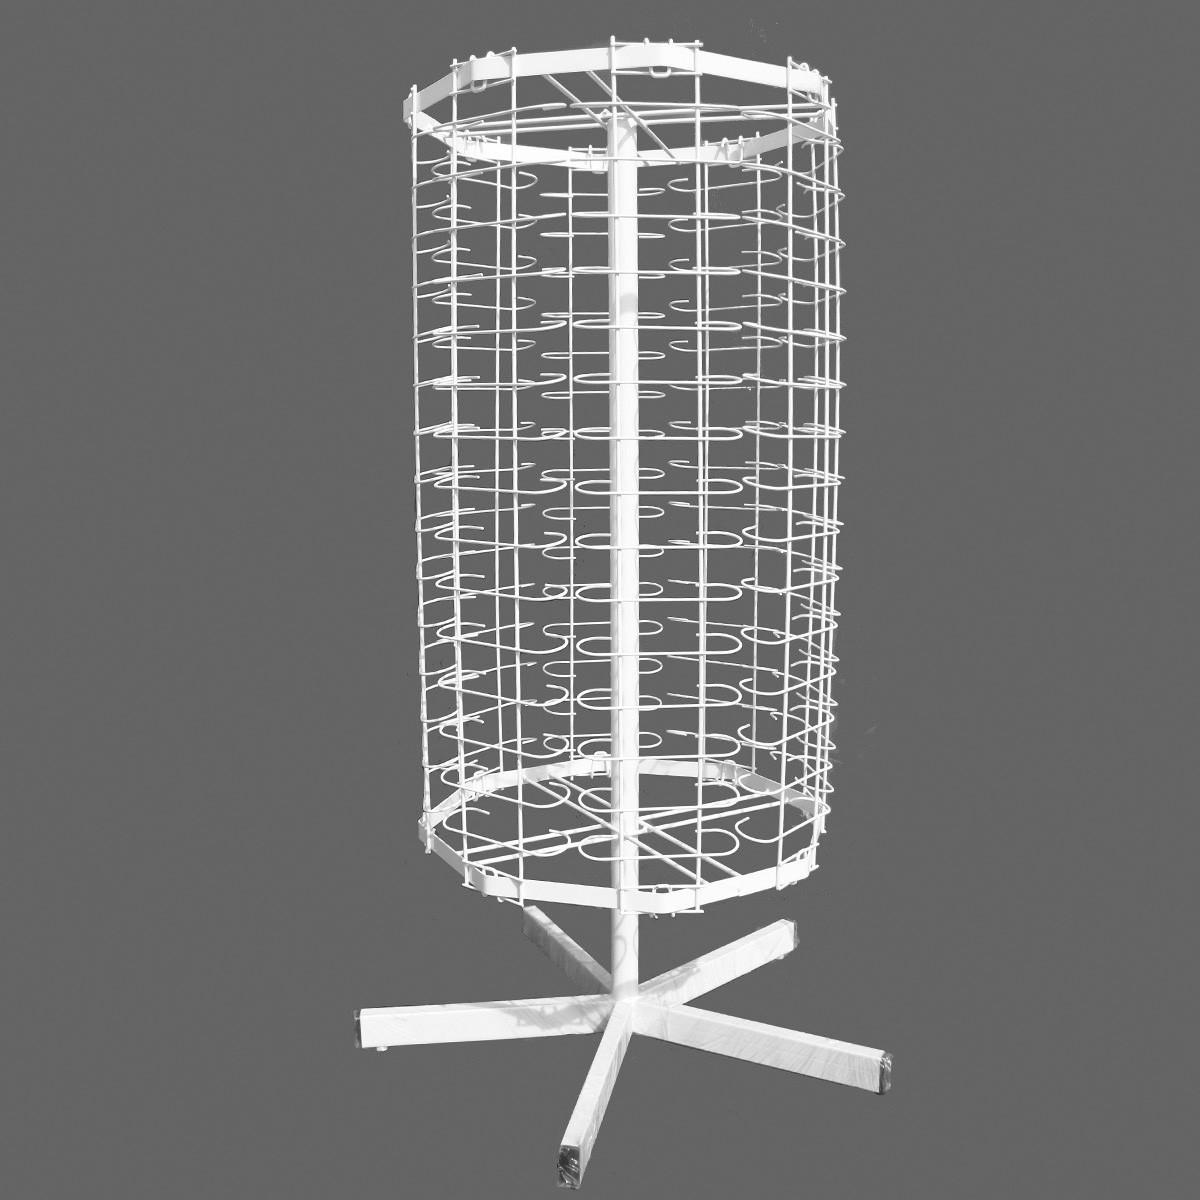 Металлическая настольная вертушка для продажи очков 60 мест от производителя